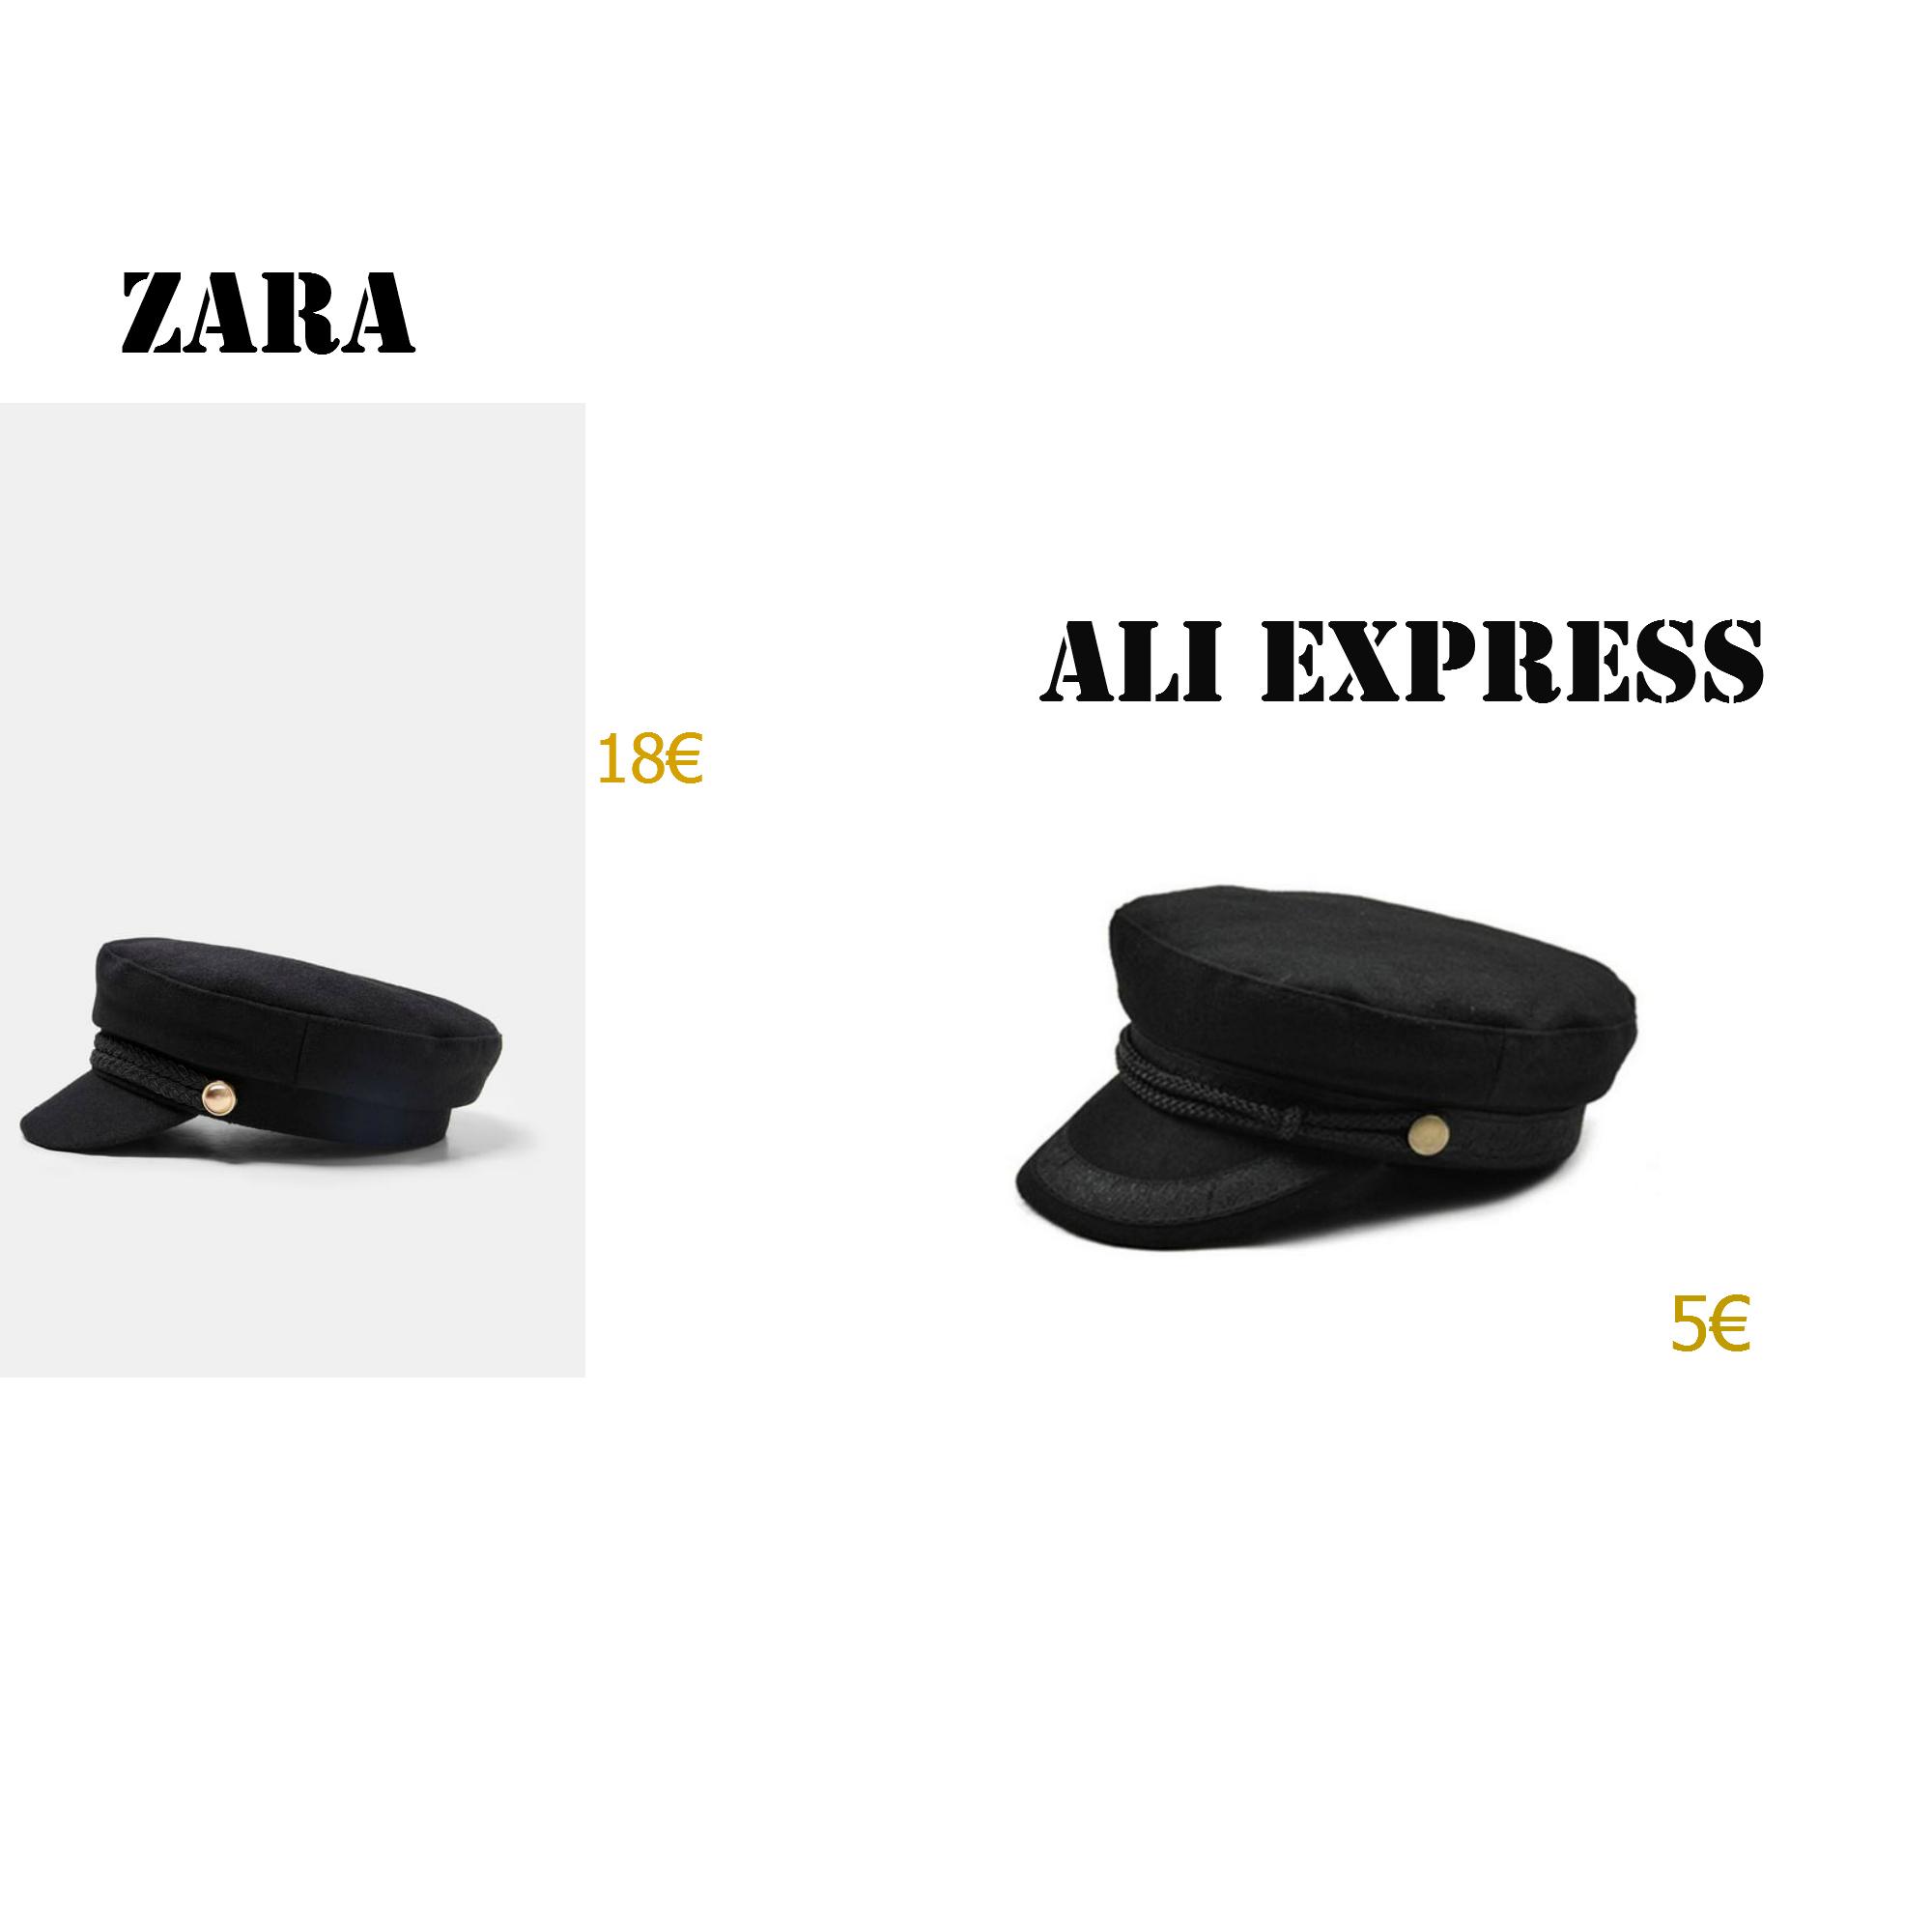 casquette marin, zara, ali express